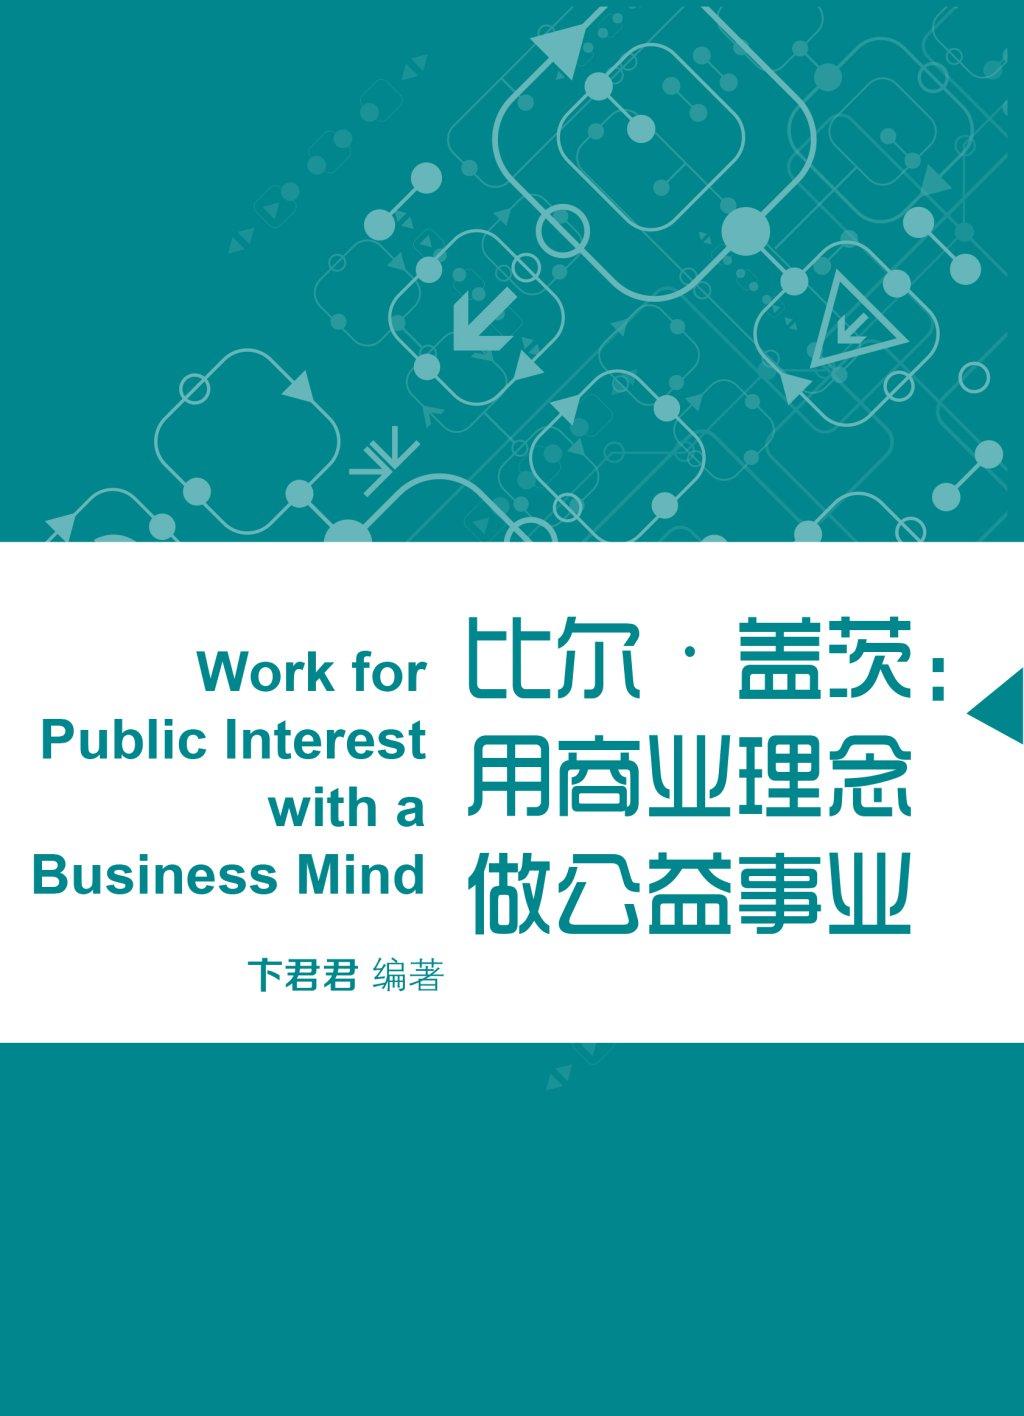 比尔·盖茨:用商业理念做公益事业(蓝狮子速读系列-管理037)